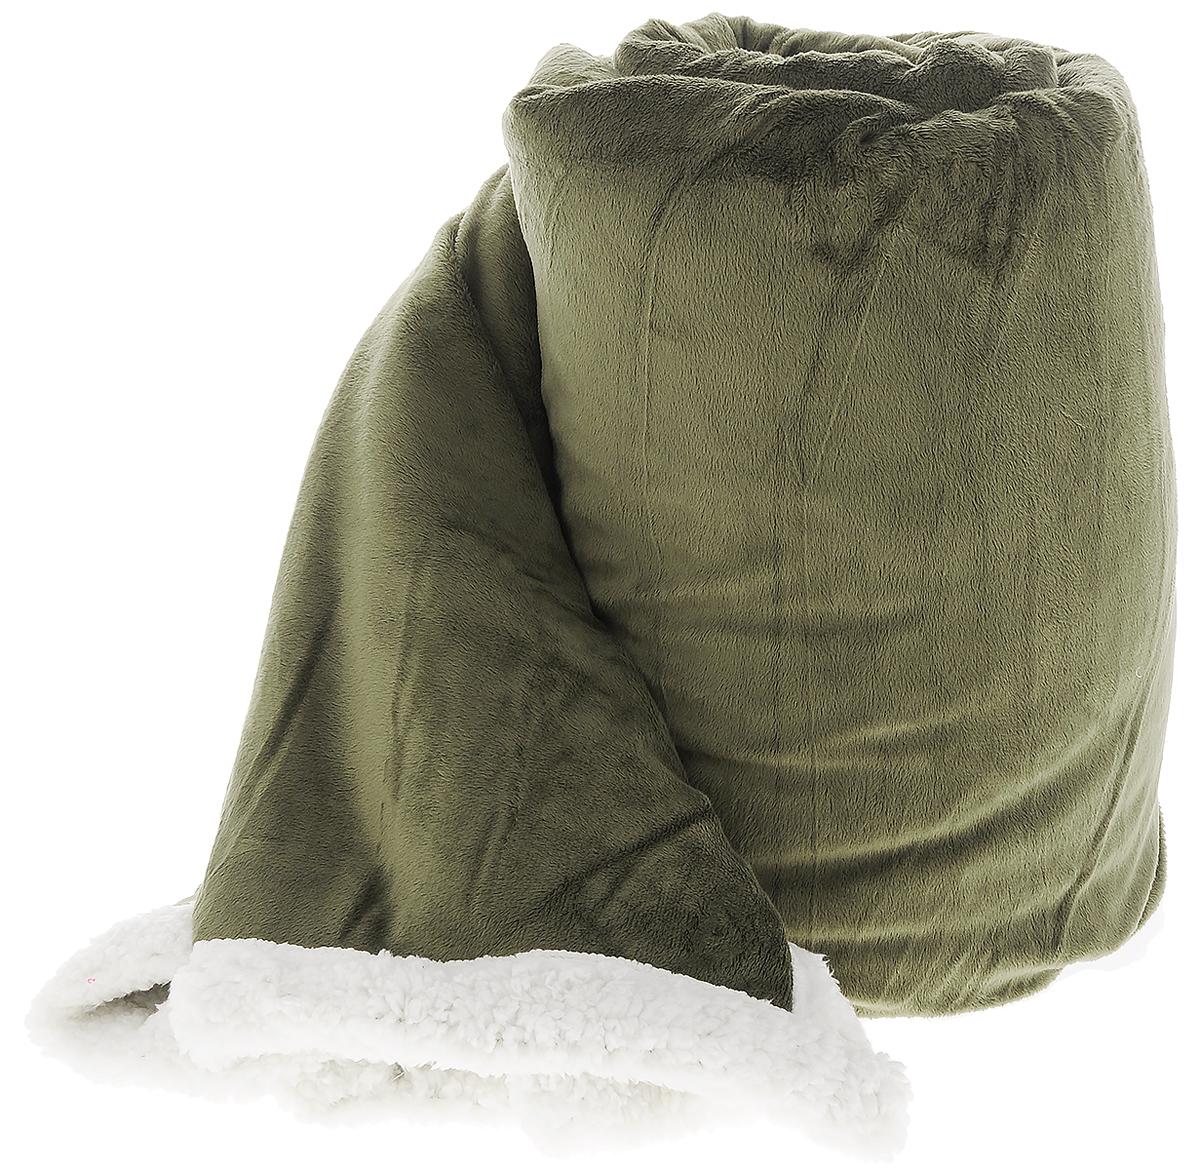 Плед Arya Микро, цвет: темно-зеленый, 160 х 220 см50.18.73.0093Легкий, мягкий и яркий плед Arya Микро изготовлен из микрофибры. Пледы из микрофибры - это незаменимая вещь и практичная часть интерьера. Микрофибра славится не только своей уникальной структурой, которая сохраняет тепло, но и он еще очень мягкий, и приятный на ощупь. Плед из микрофибры отлично дополнит и украсит любой дом, дачу, незаменим также в автомобиле.Плед Arya Микро - это бюджетный подарок, хороший вариант подарка не только для родных и близких, но и для коллег в качестве корпоративного подарка, на любой праздник.Размер пледа: 160 х 220 см.